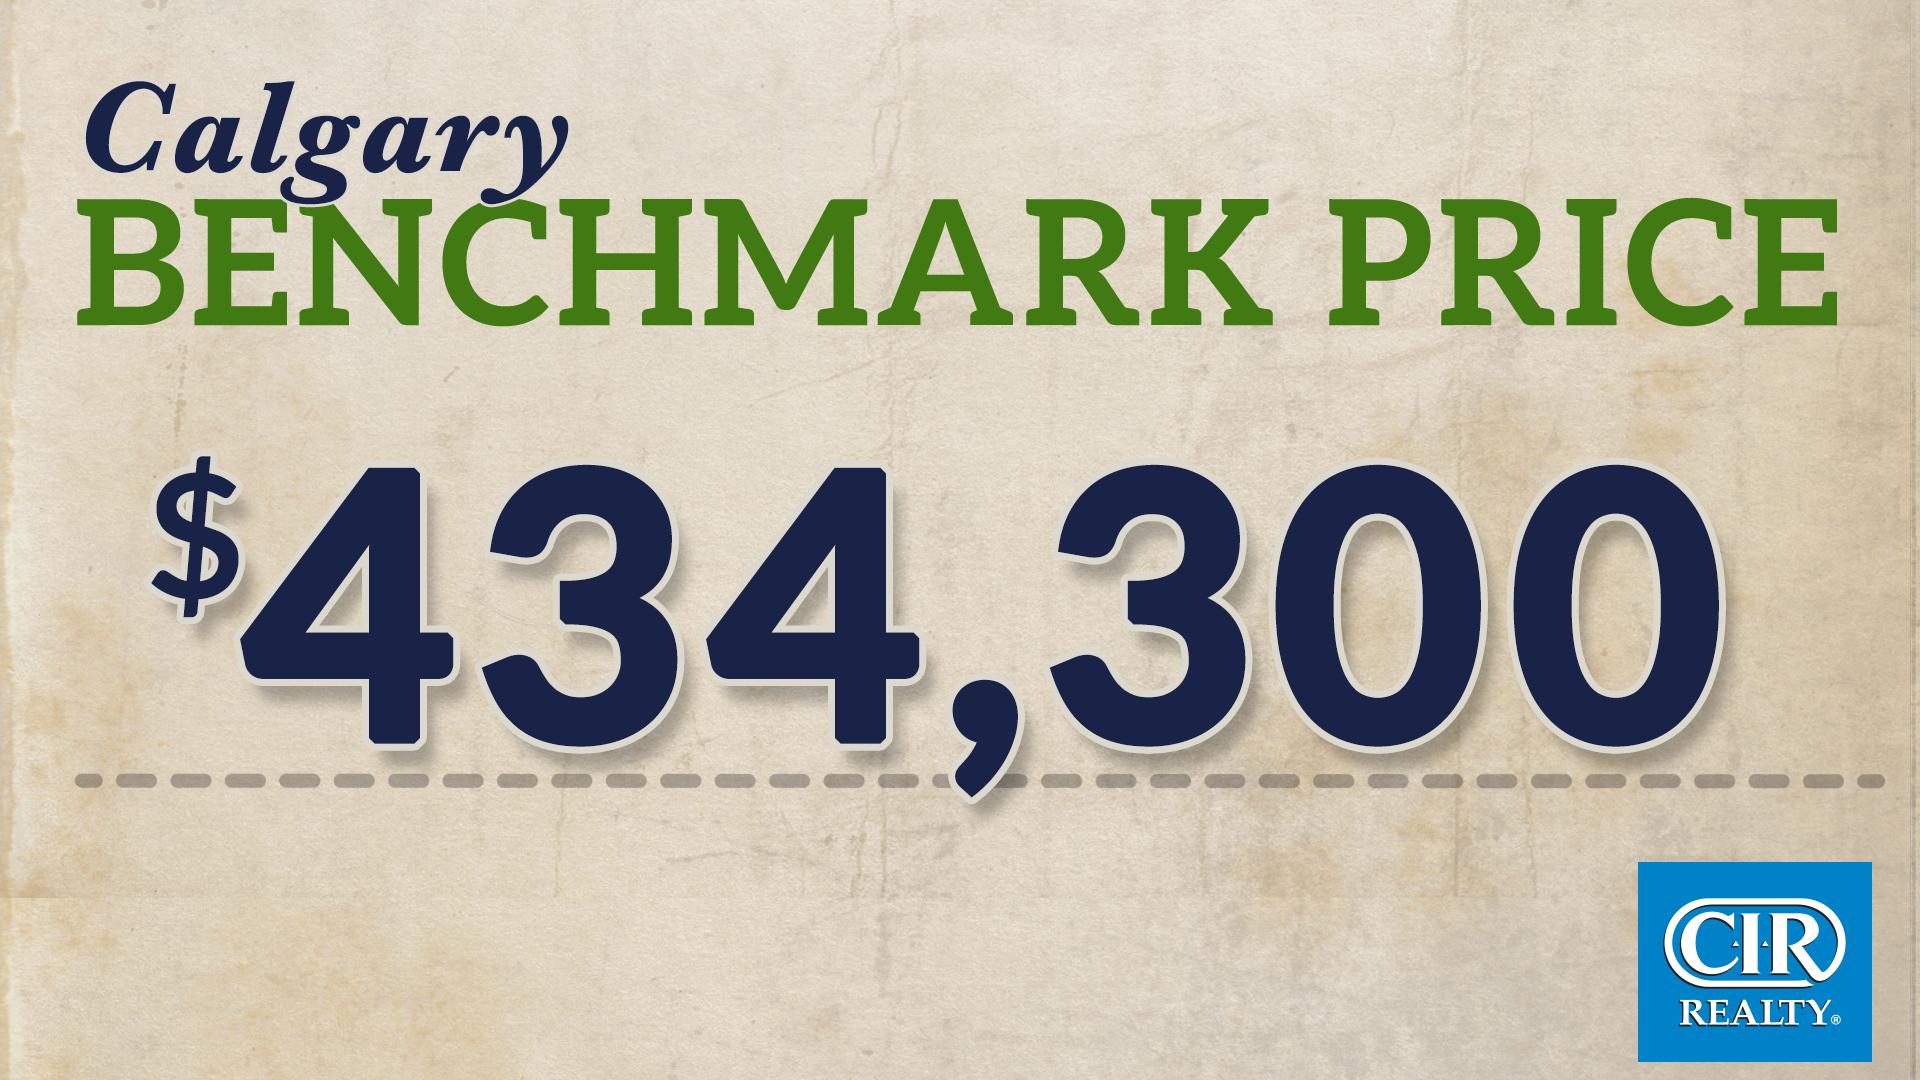 Benchmark Price April 2, 2018